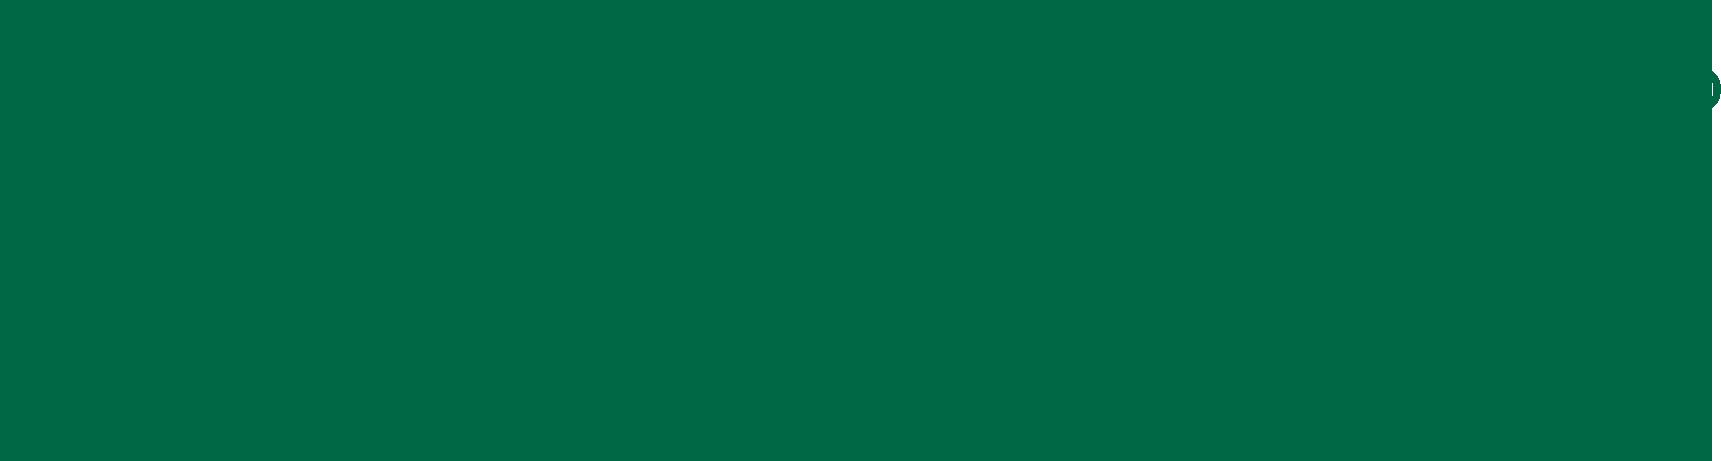 Consulado Irlanda